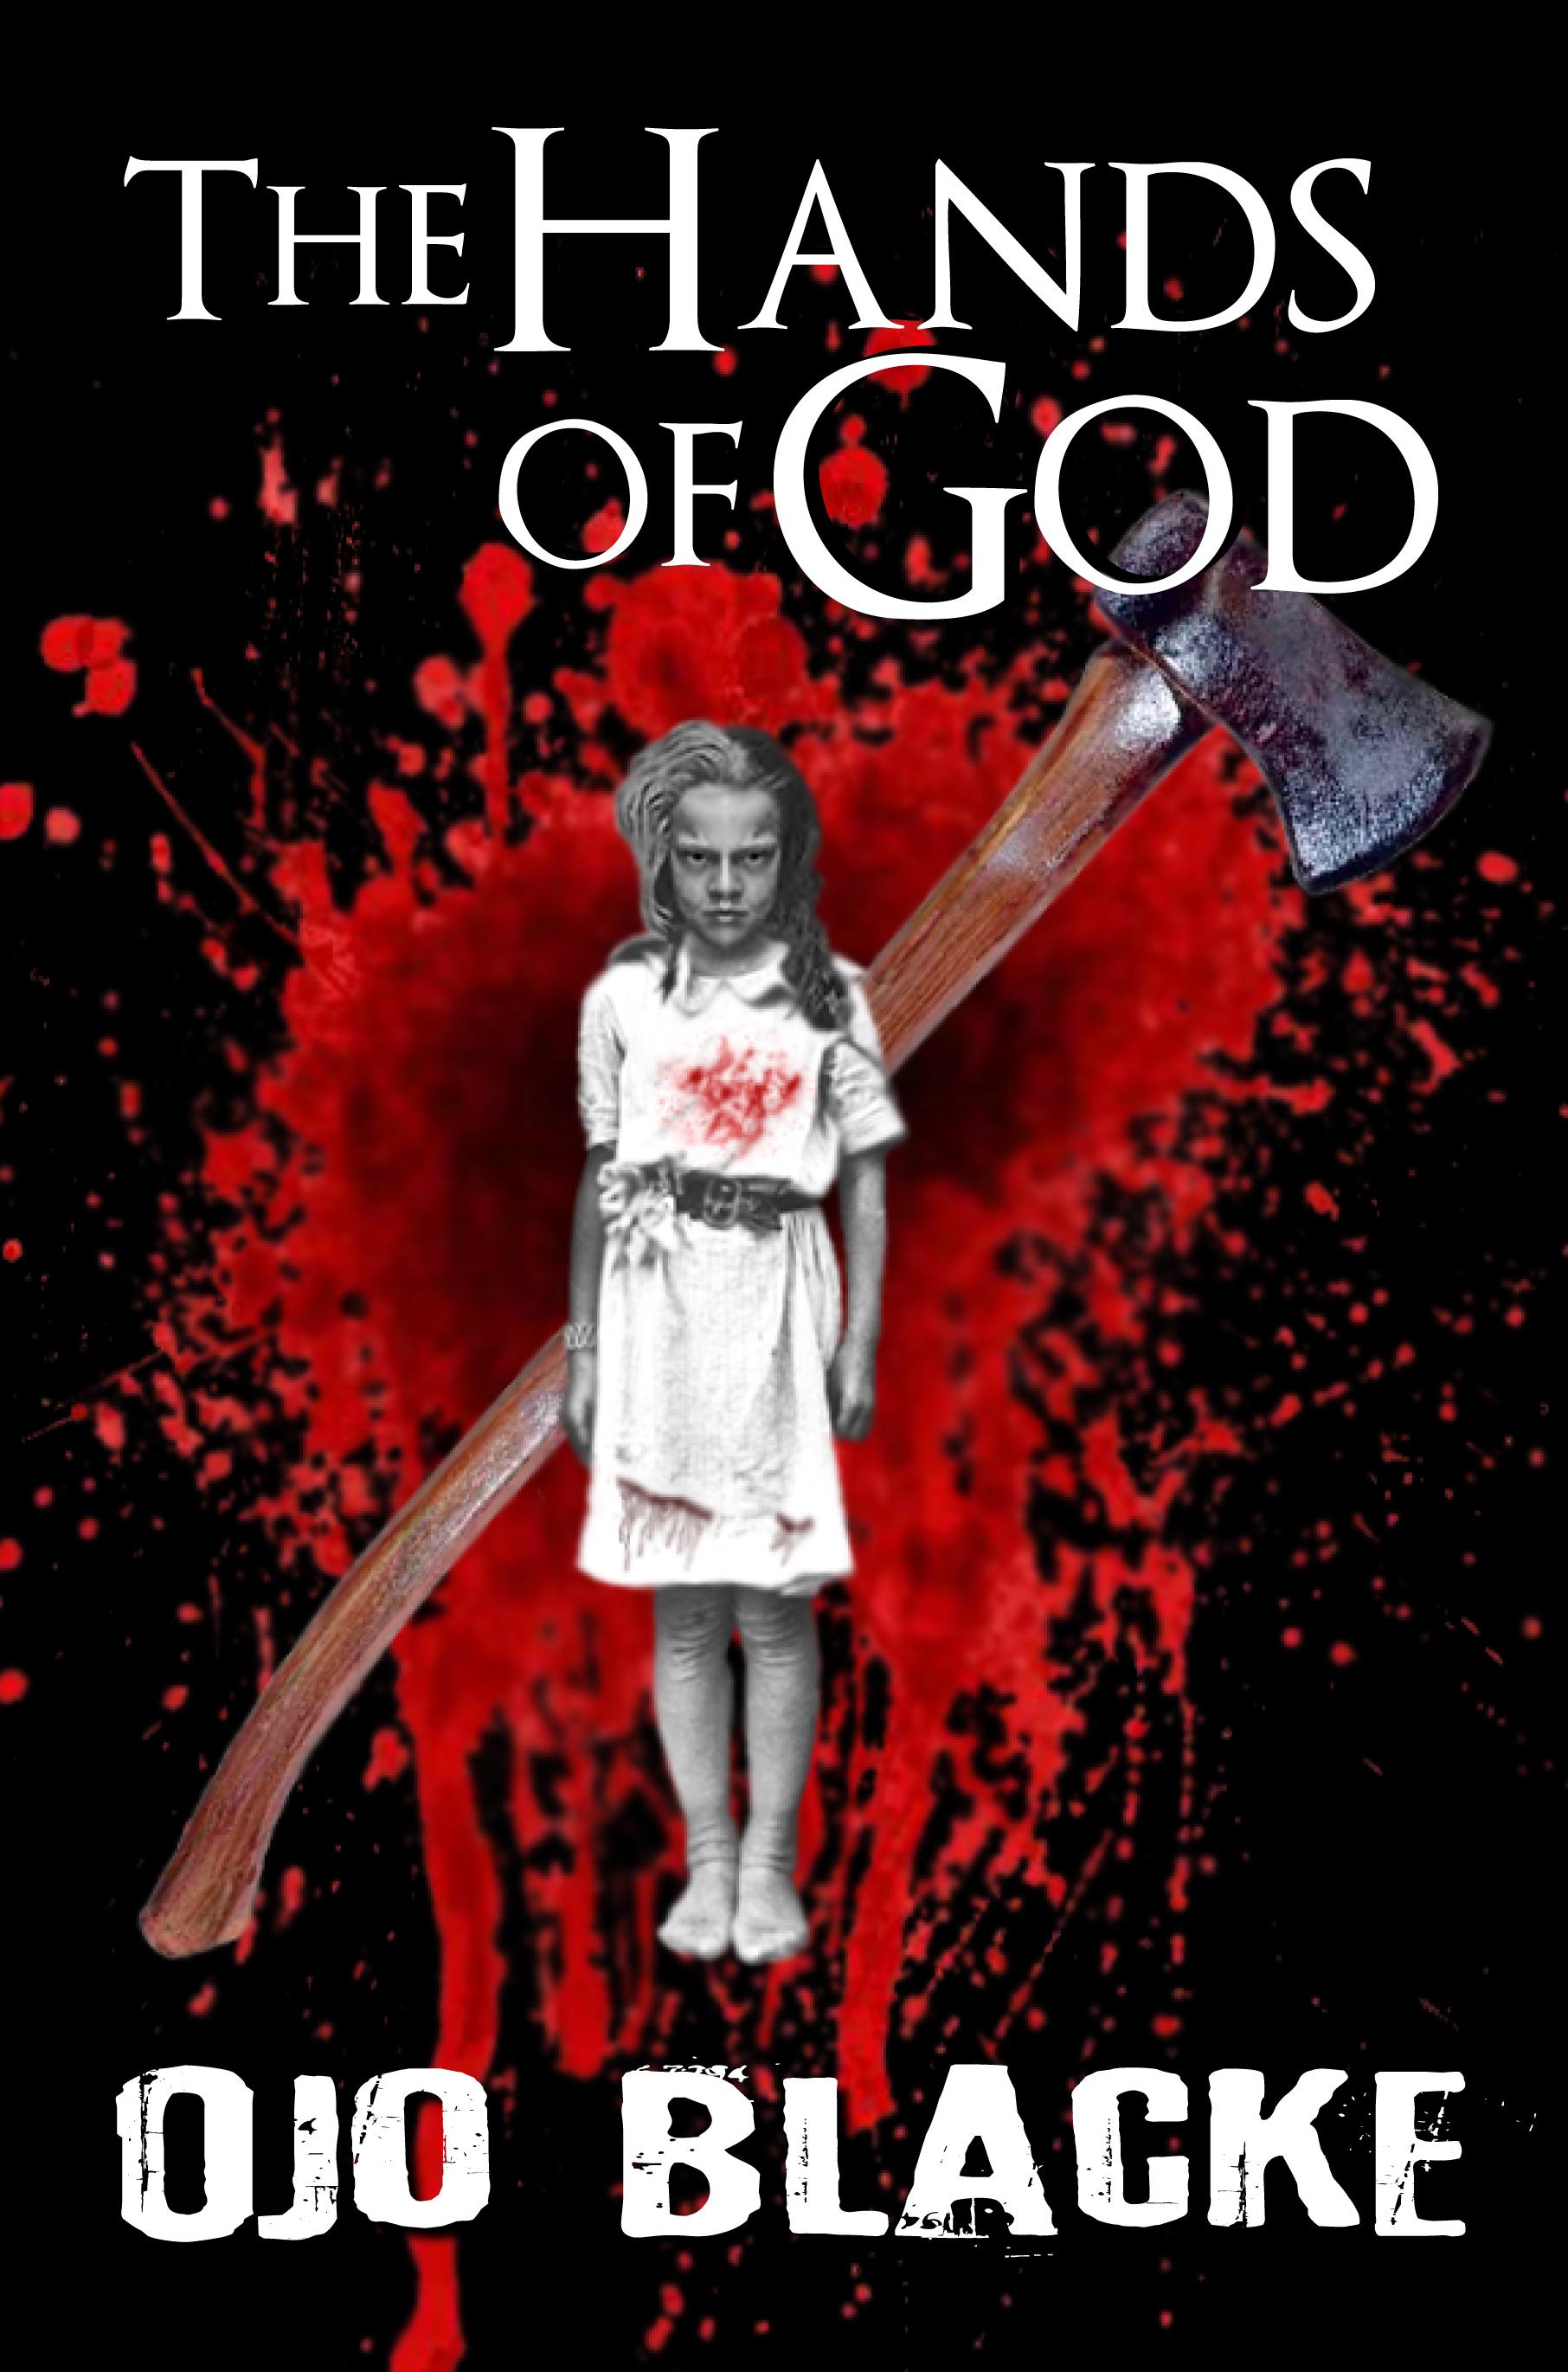 The Hands of God Ojo Blacke